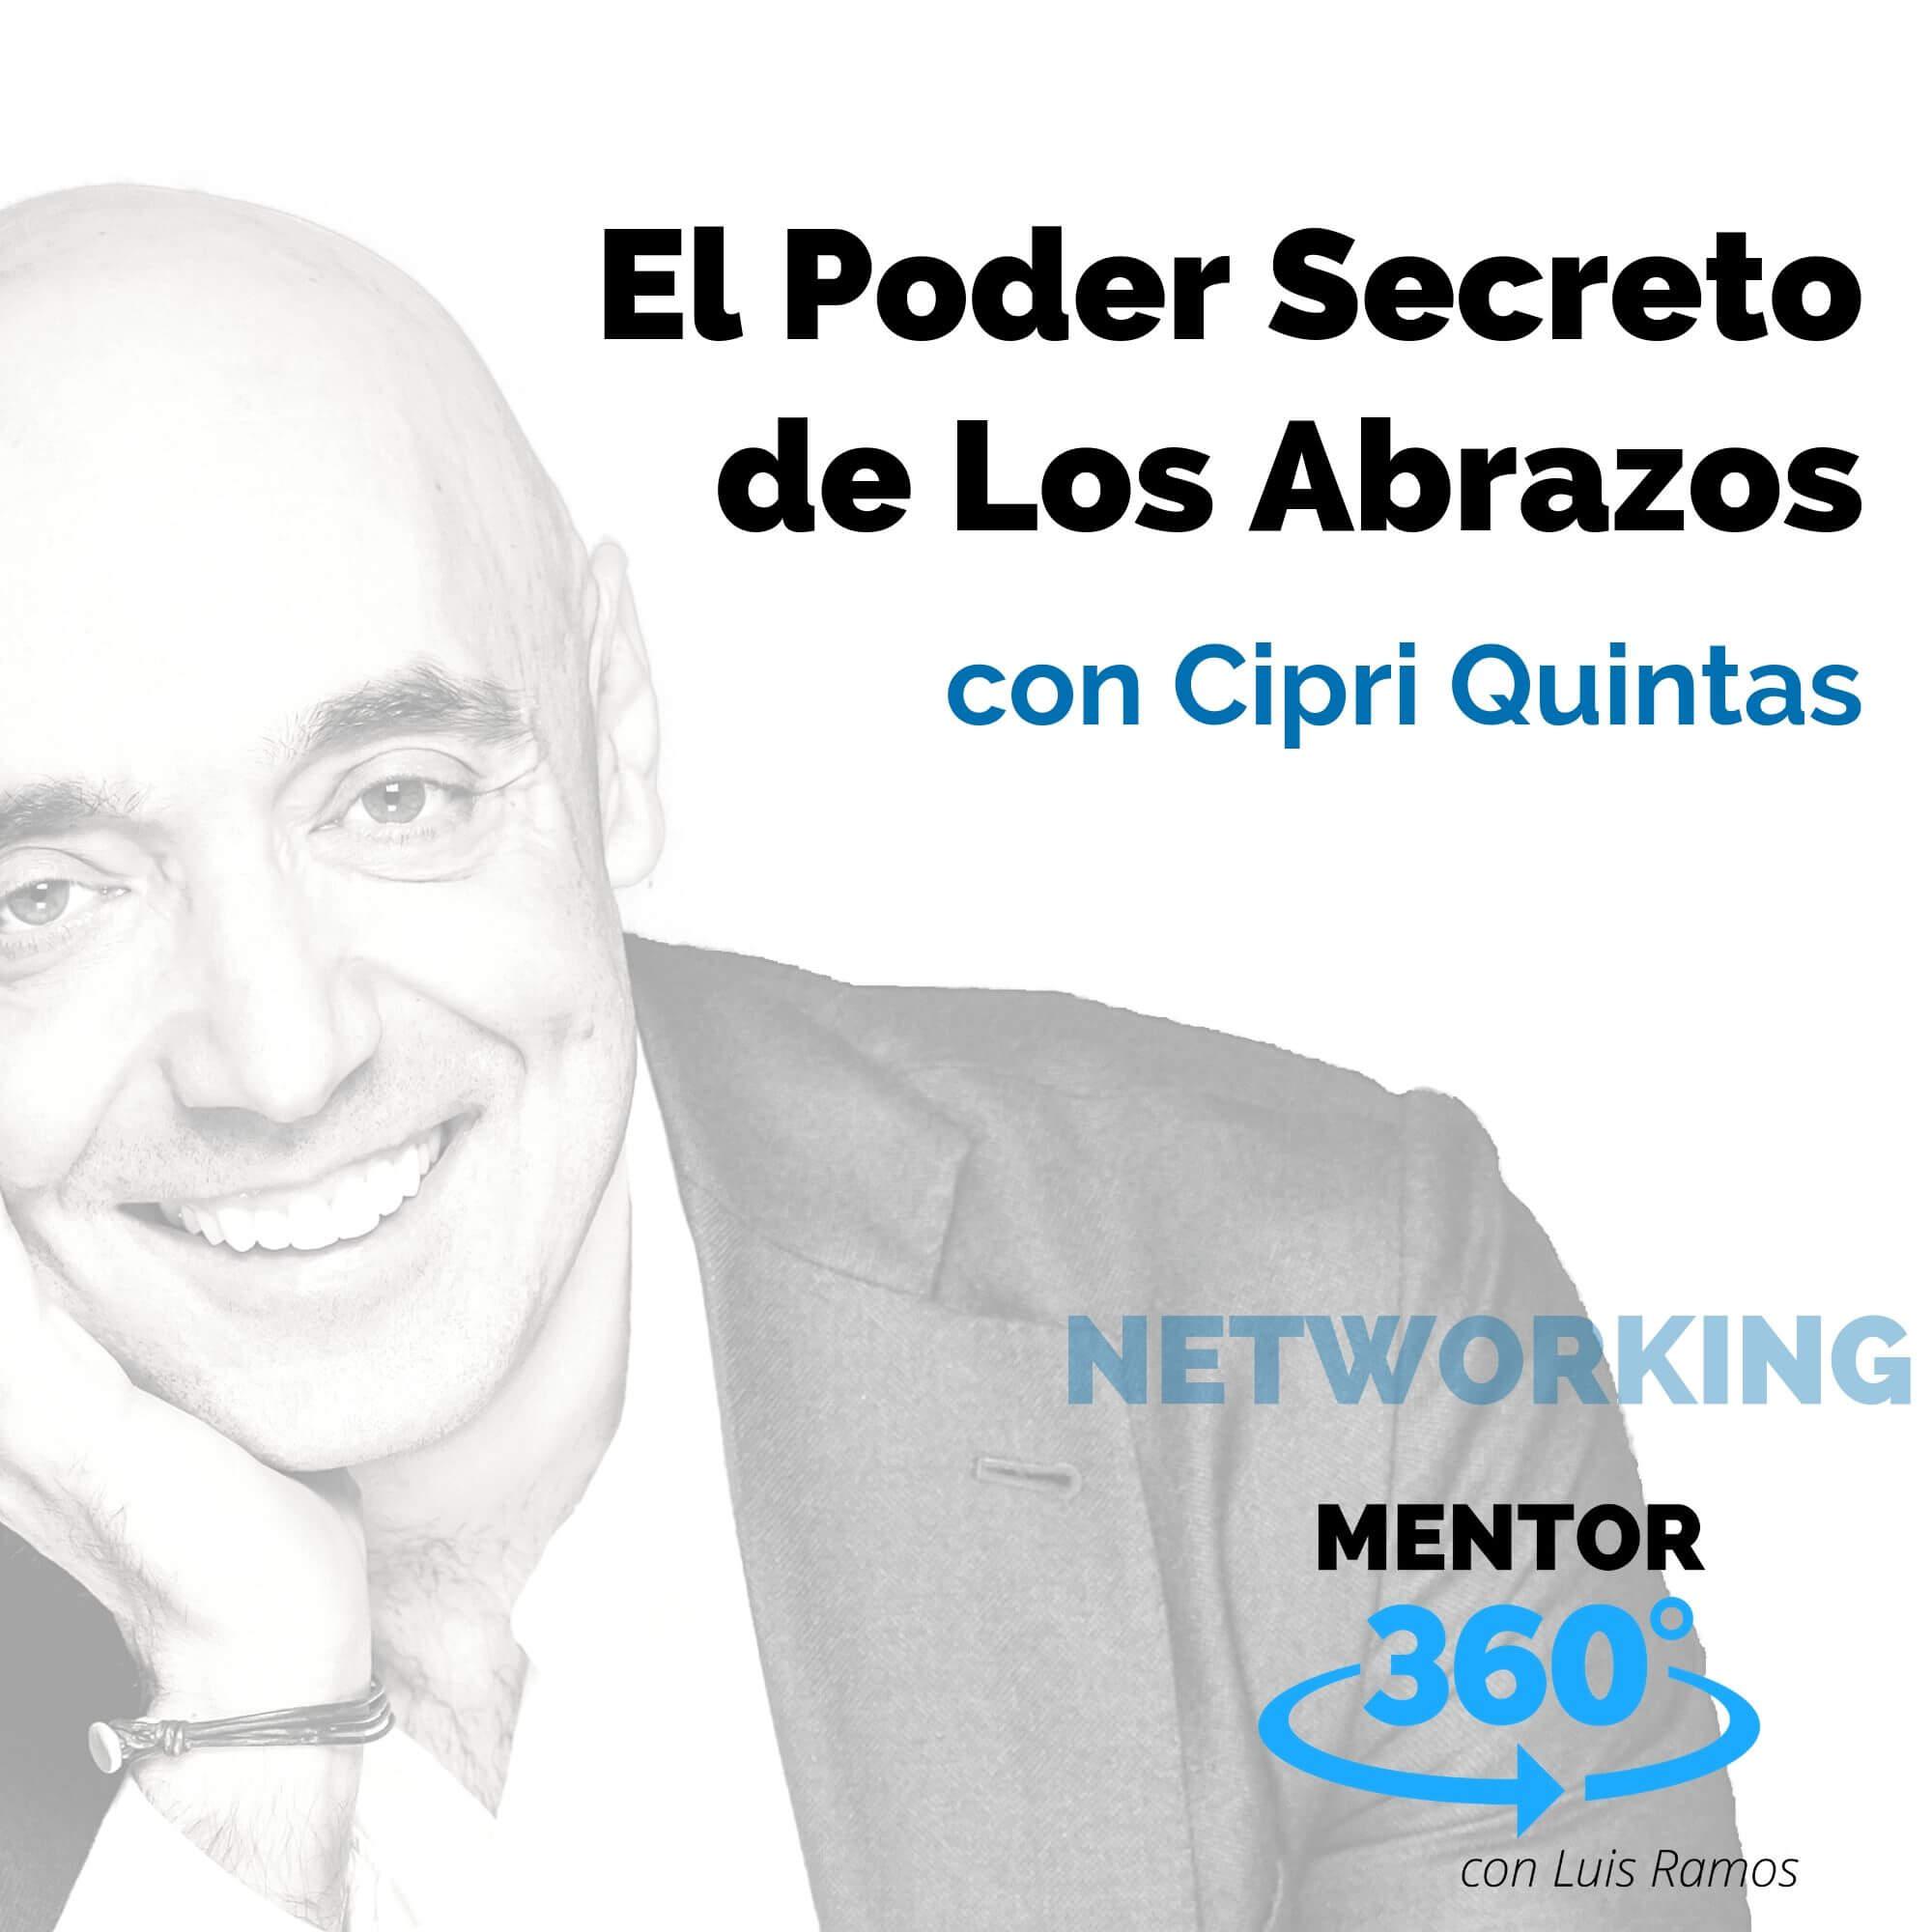 El Poder Secreto de los Abrazos, con Cipri Quintas - NETWORKING - MENTOR360